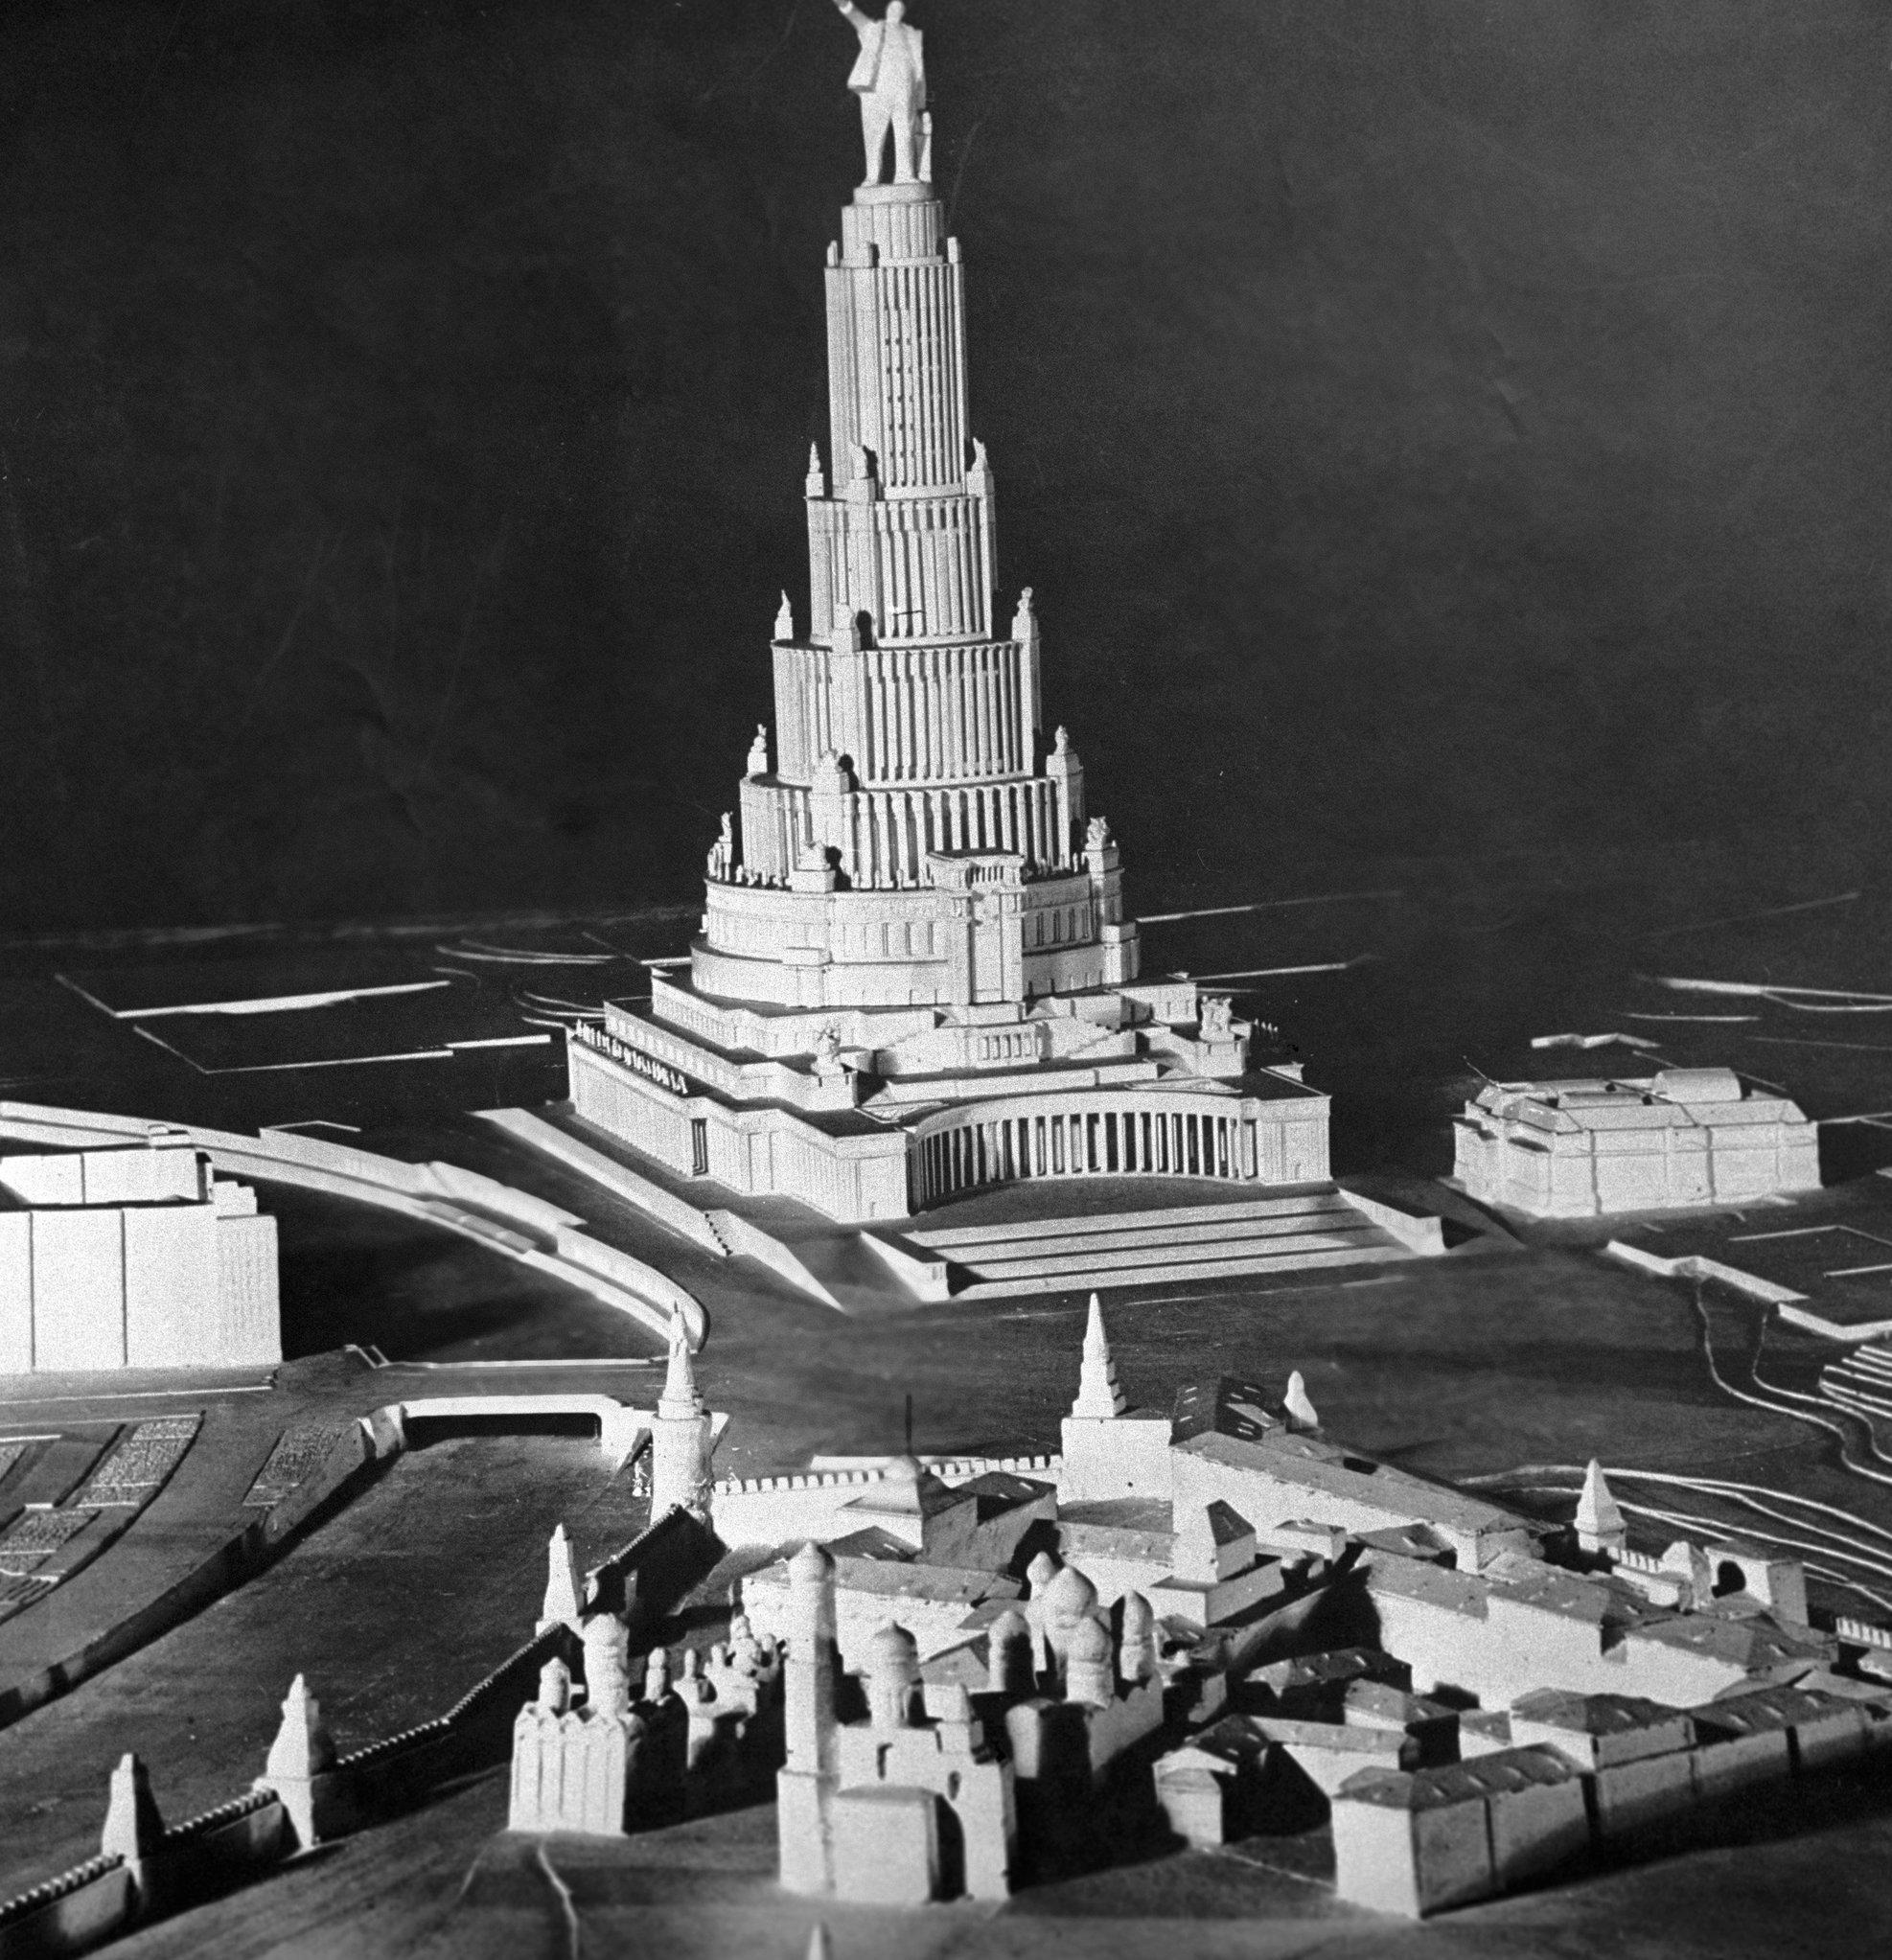 Maqueta del Palacio de los Soviets